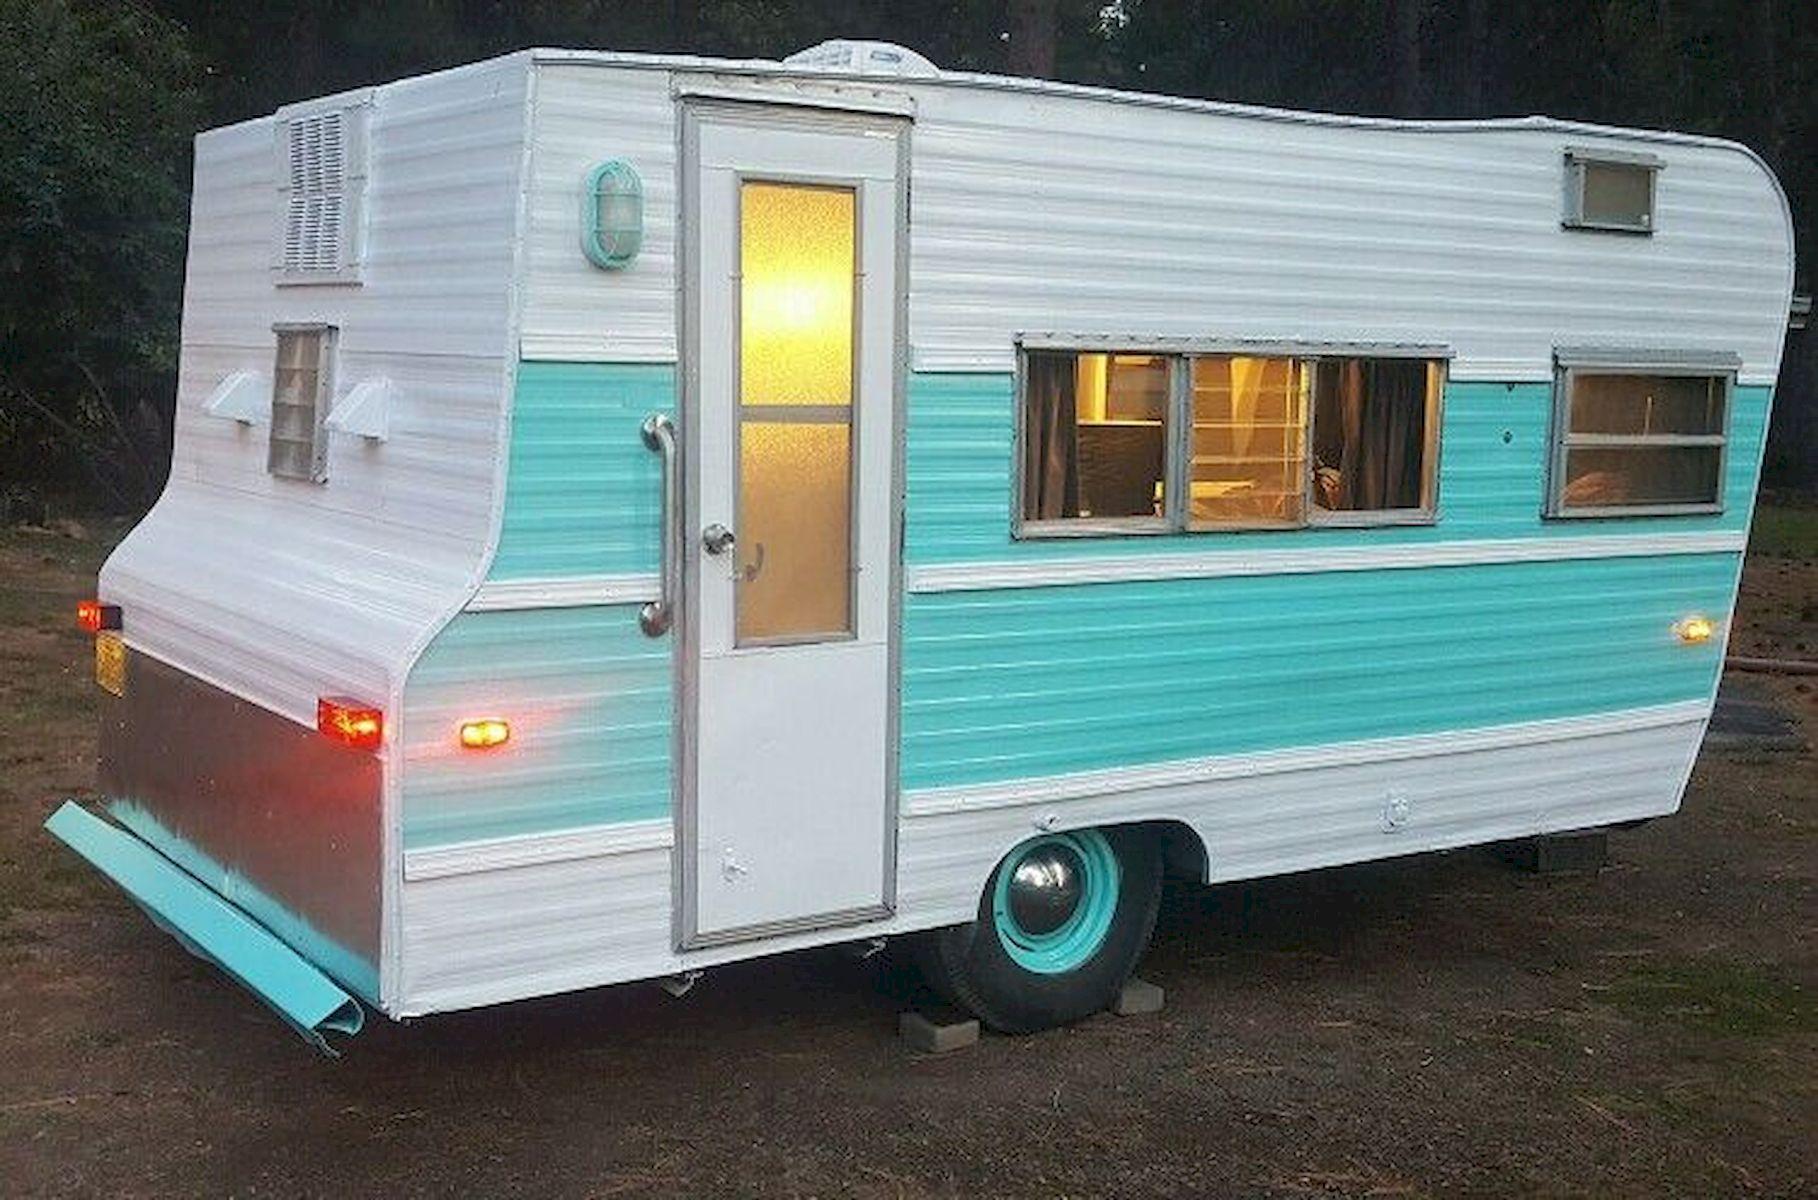 24 Vintage Rv Remodel Ideas Vintage Rv Vintage Camper Interior